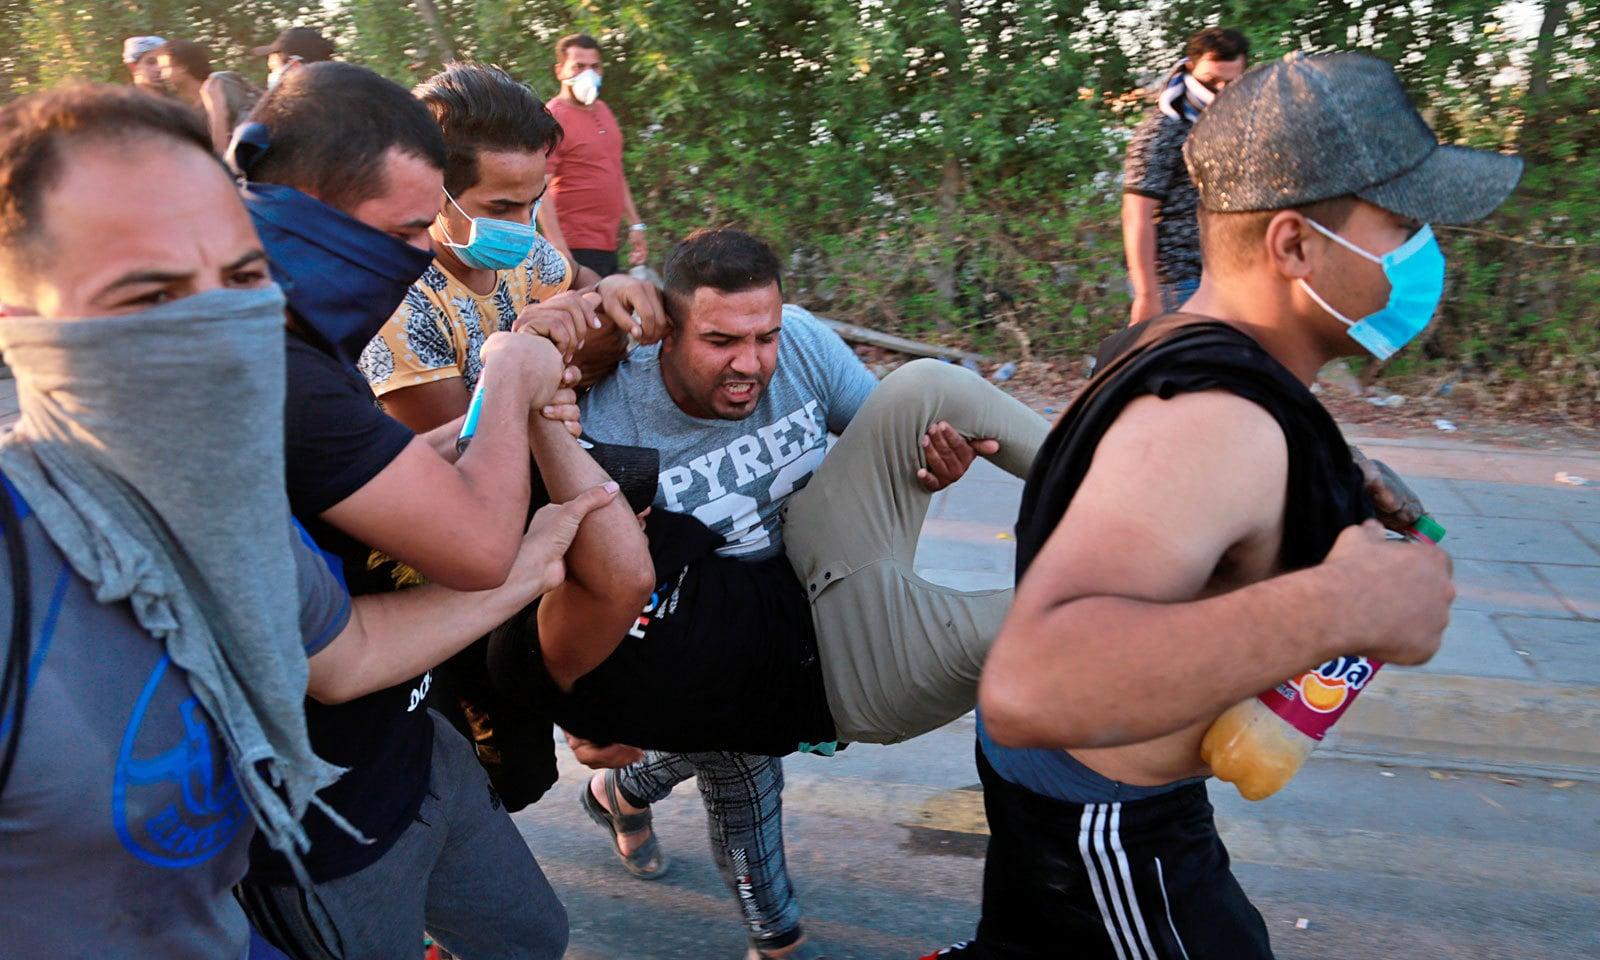 مظاہرے کے دوران زخمی ہونے والے ایک شخص کو ہسپتال منتقل کیا جارہا ہے — فوٹو: اے پی